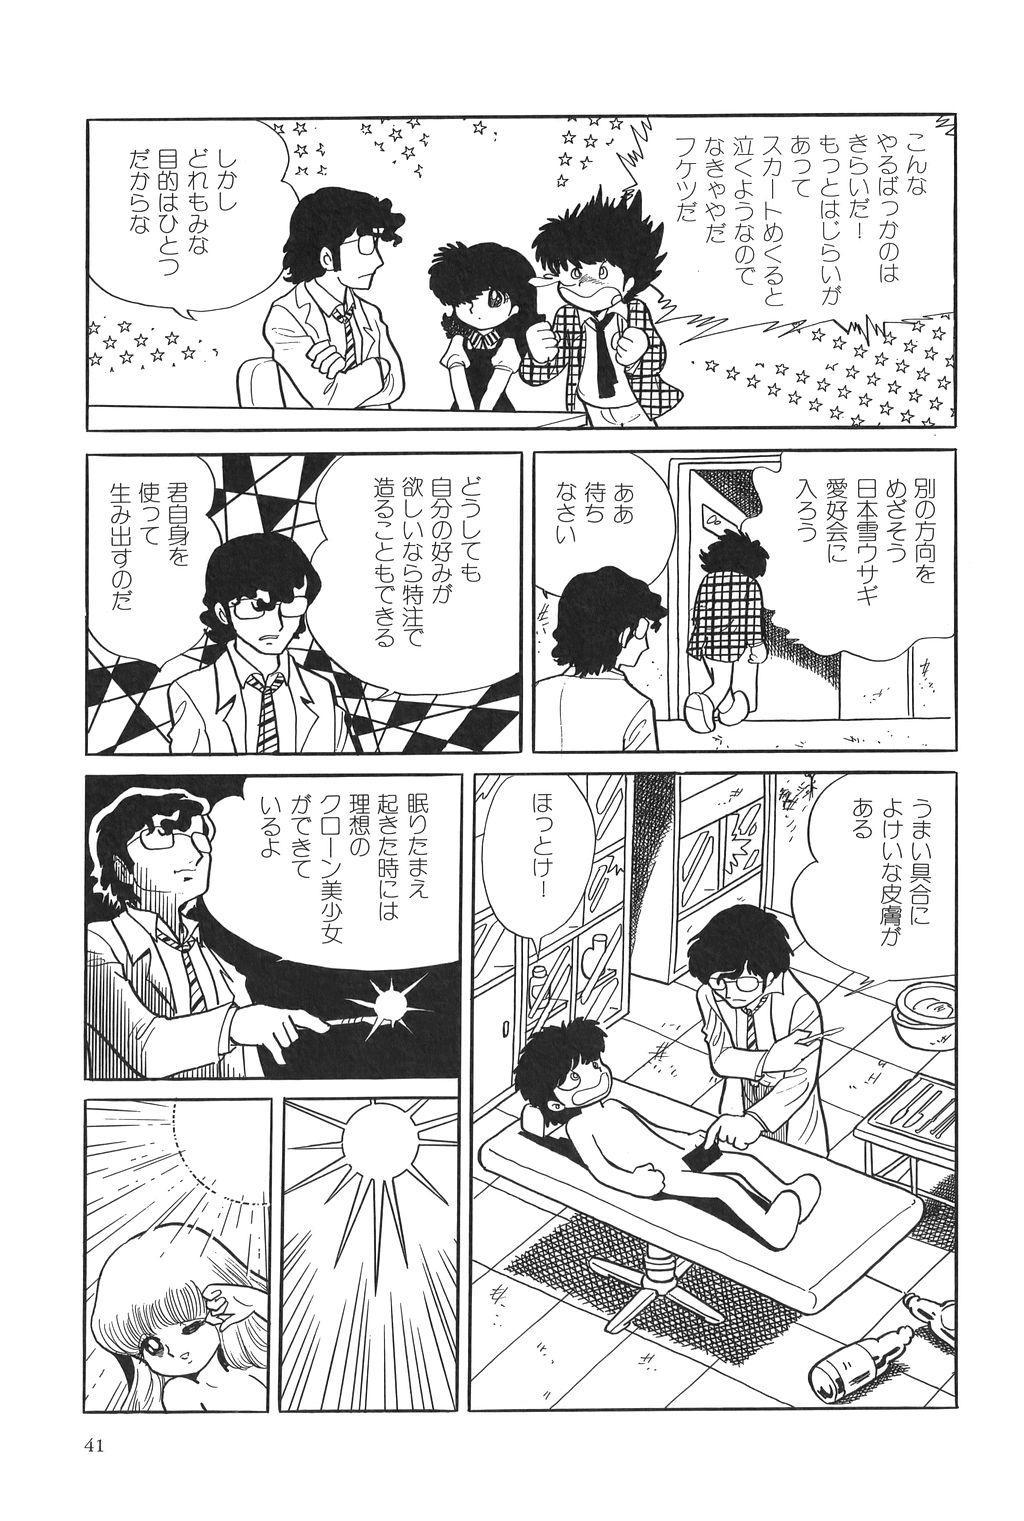 Azuma Hideo Sakuhin Shuusei - Yoru no Tobari no Naka de 45